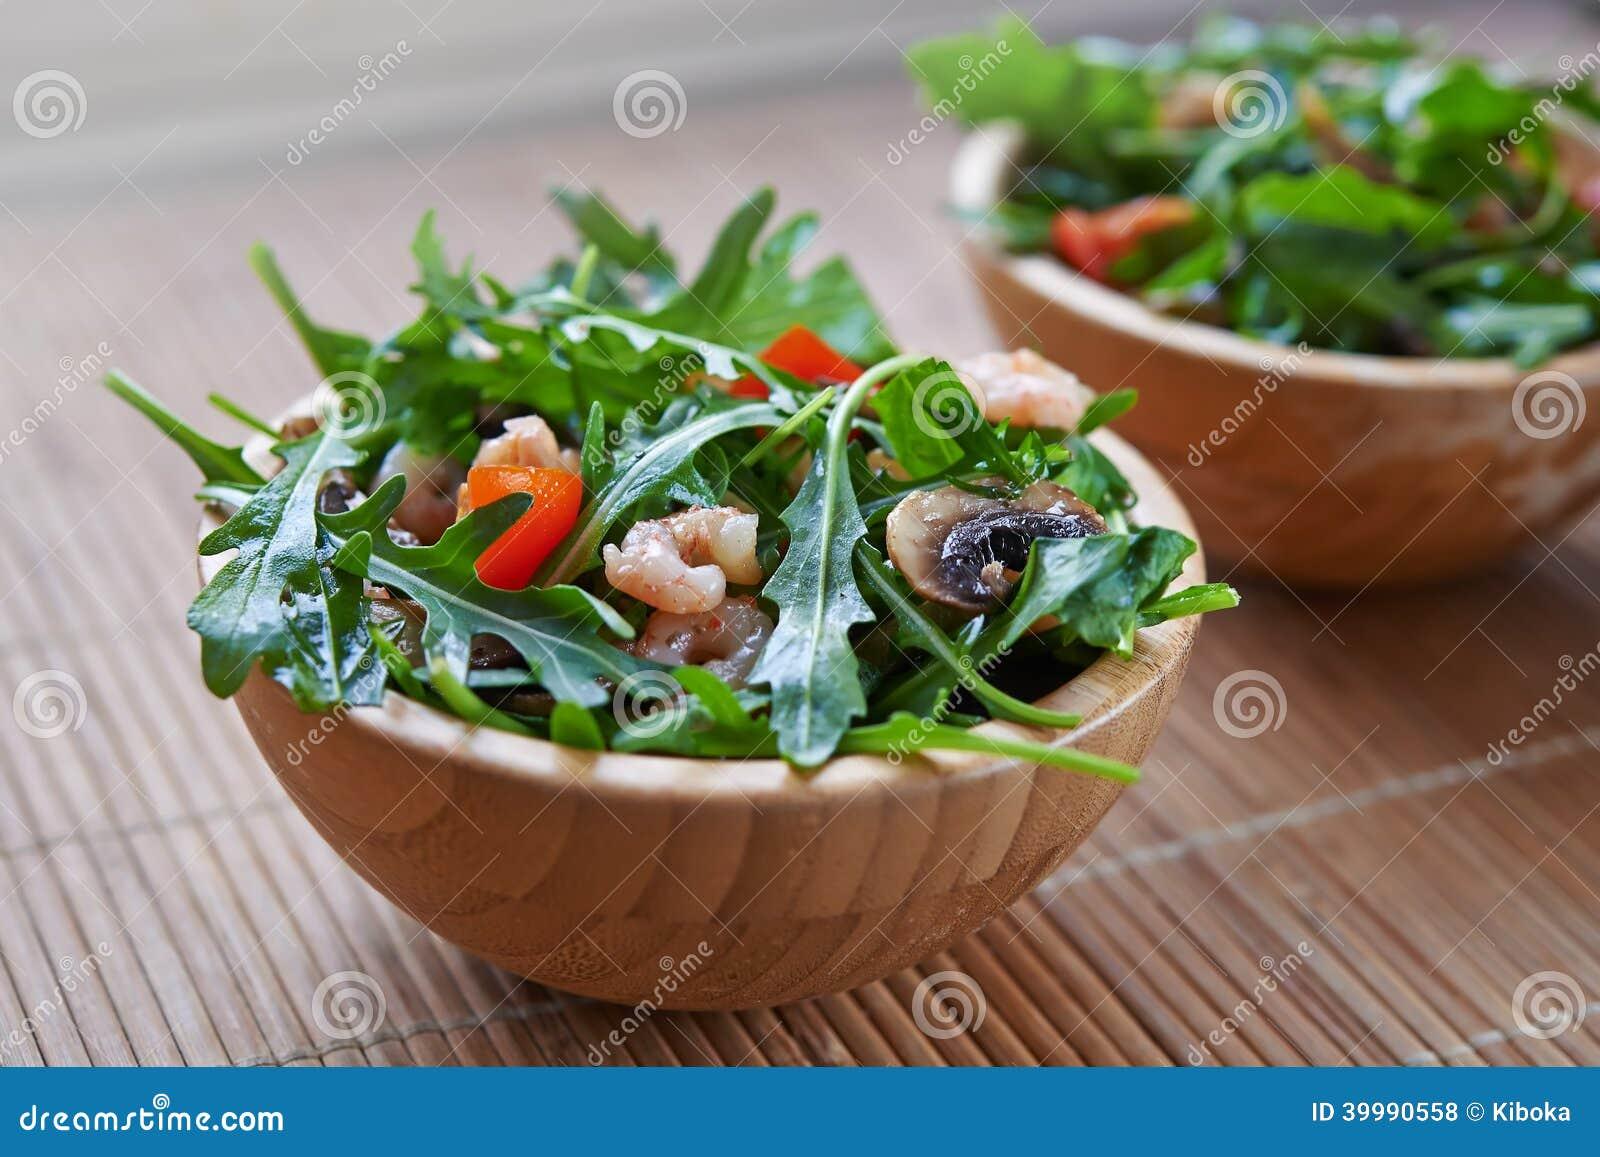 rucola salat mit gebratenen garnelen stockfoto bild 39990558. Black Bedroom Furniture Sets. Home Design Ideas